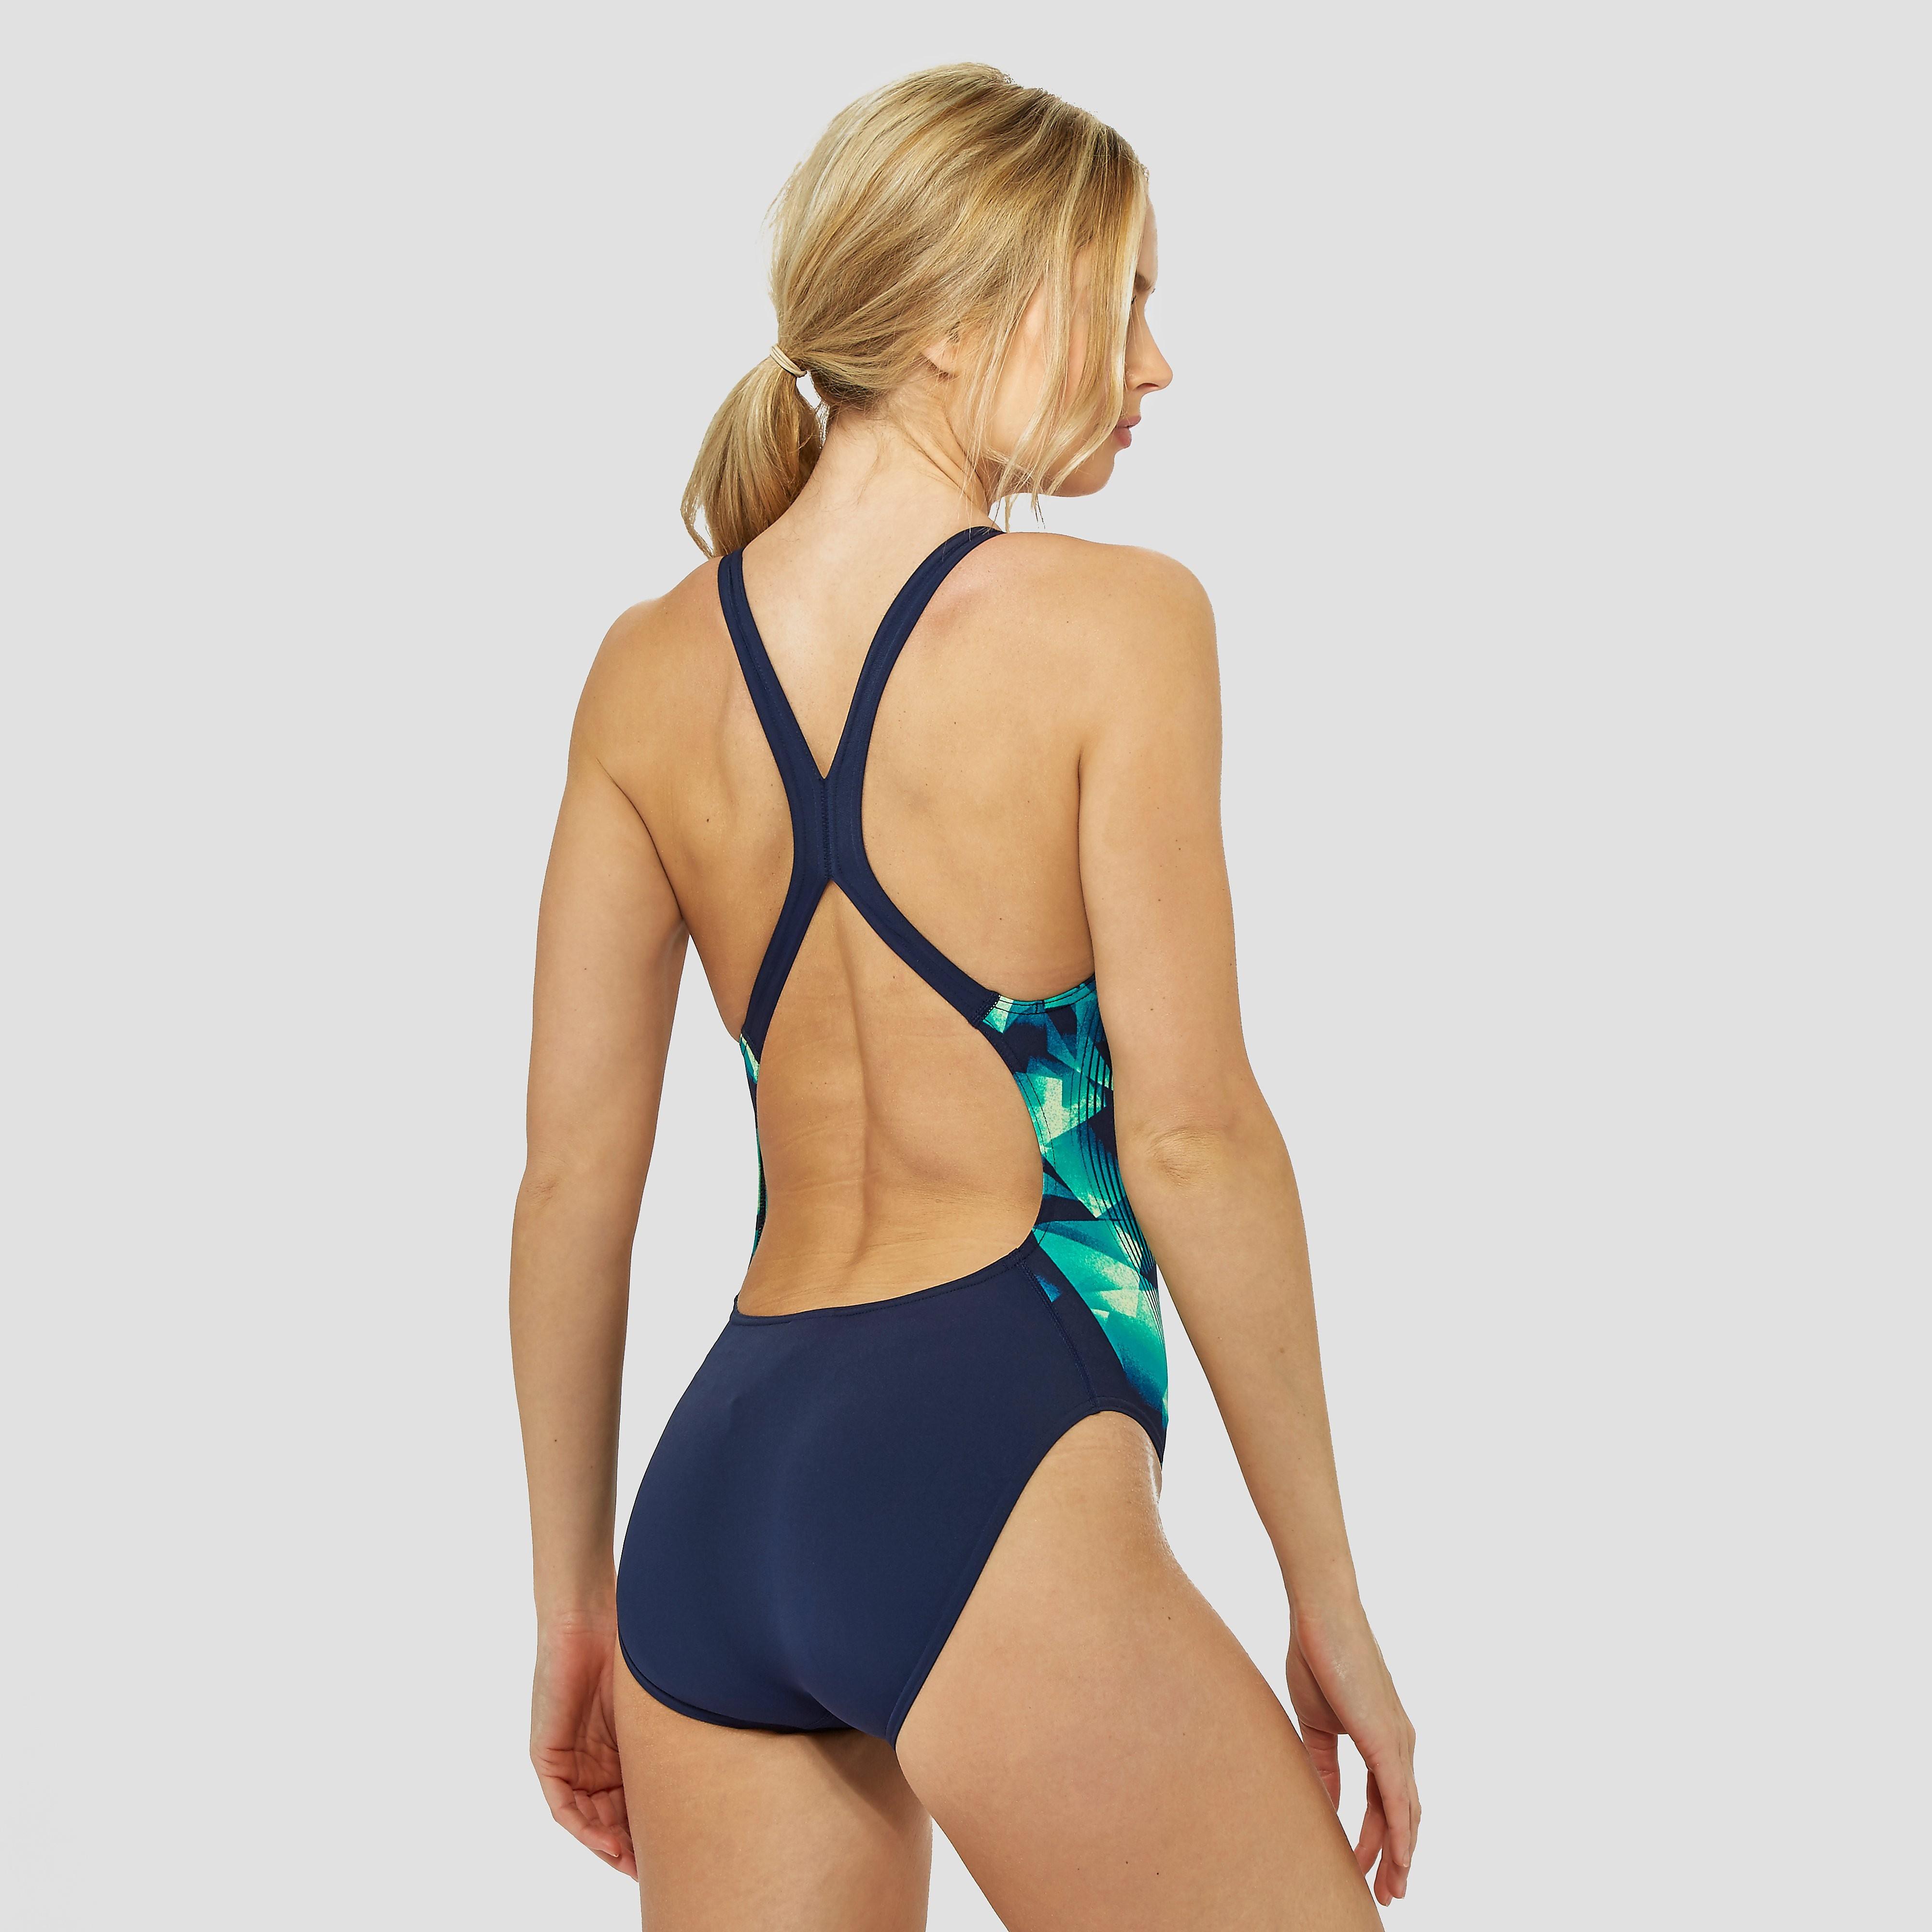 Speedo Cosmic Powerback Swimsuit